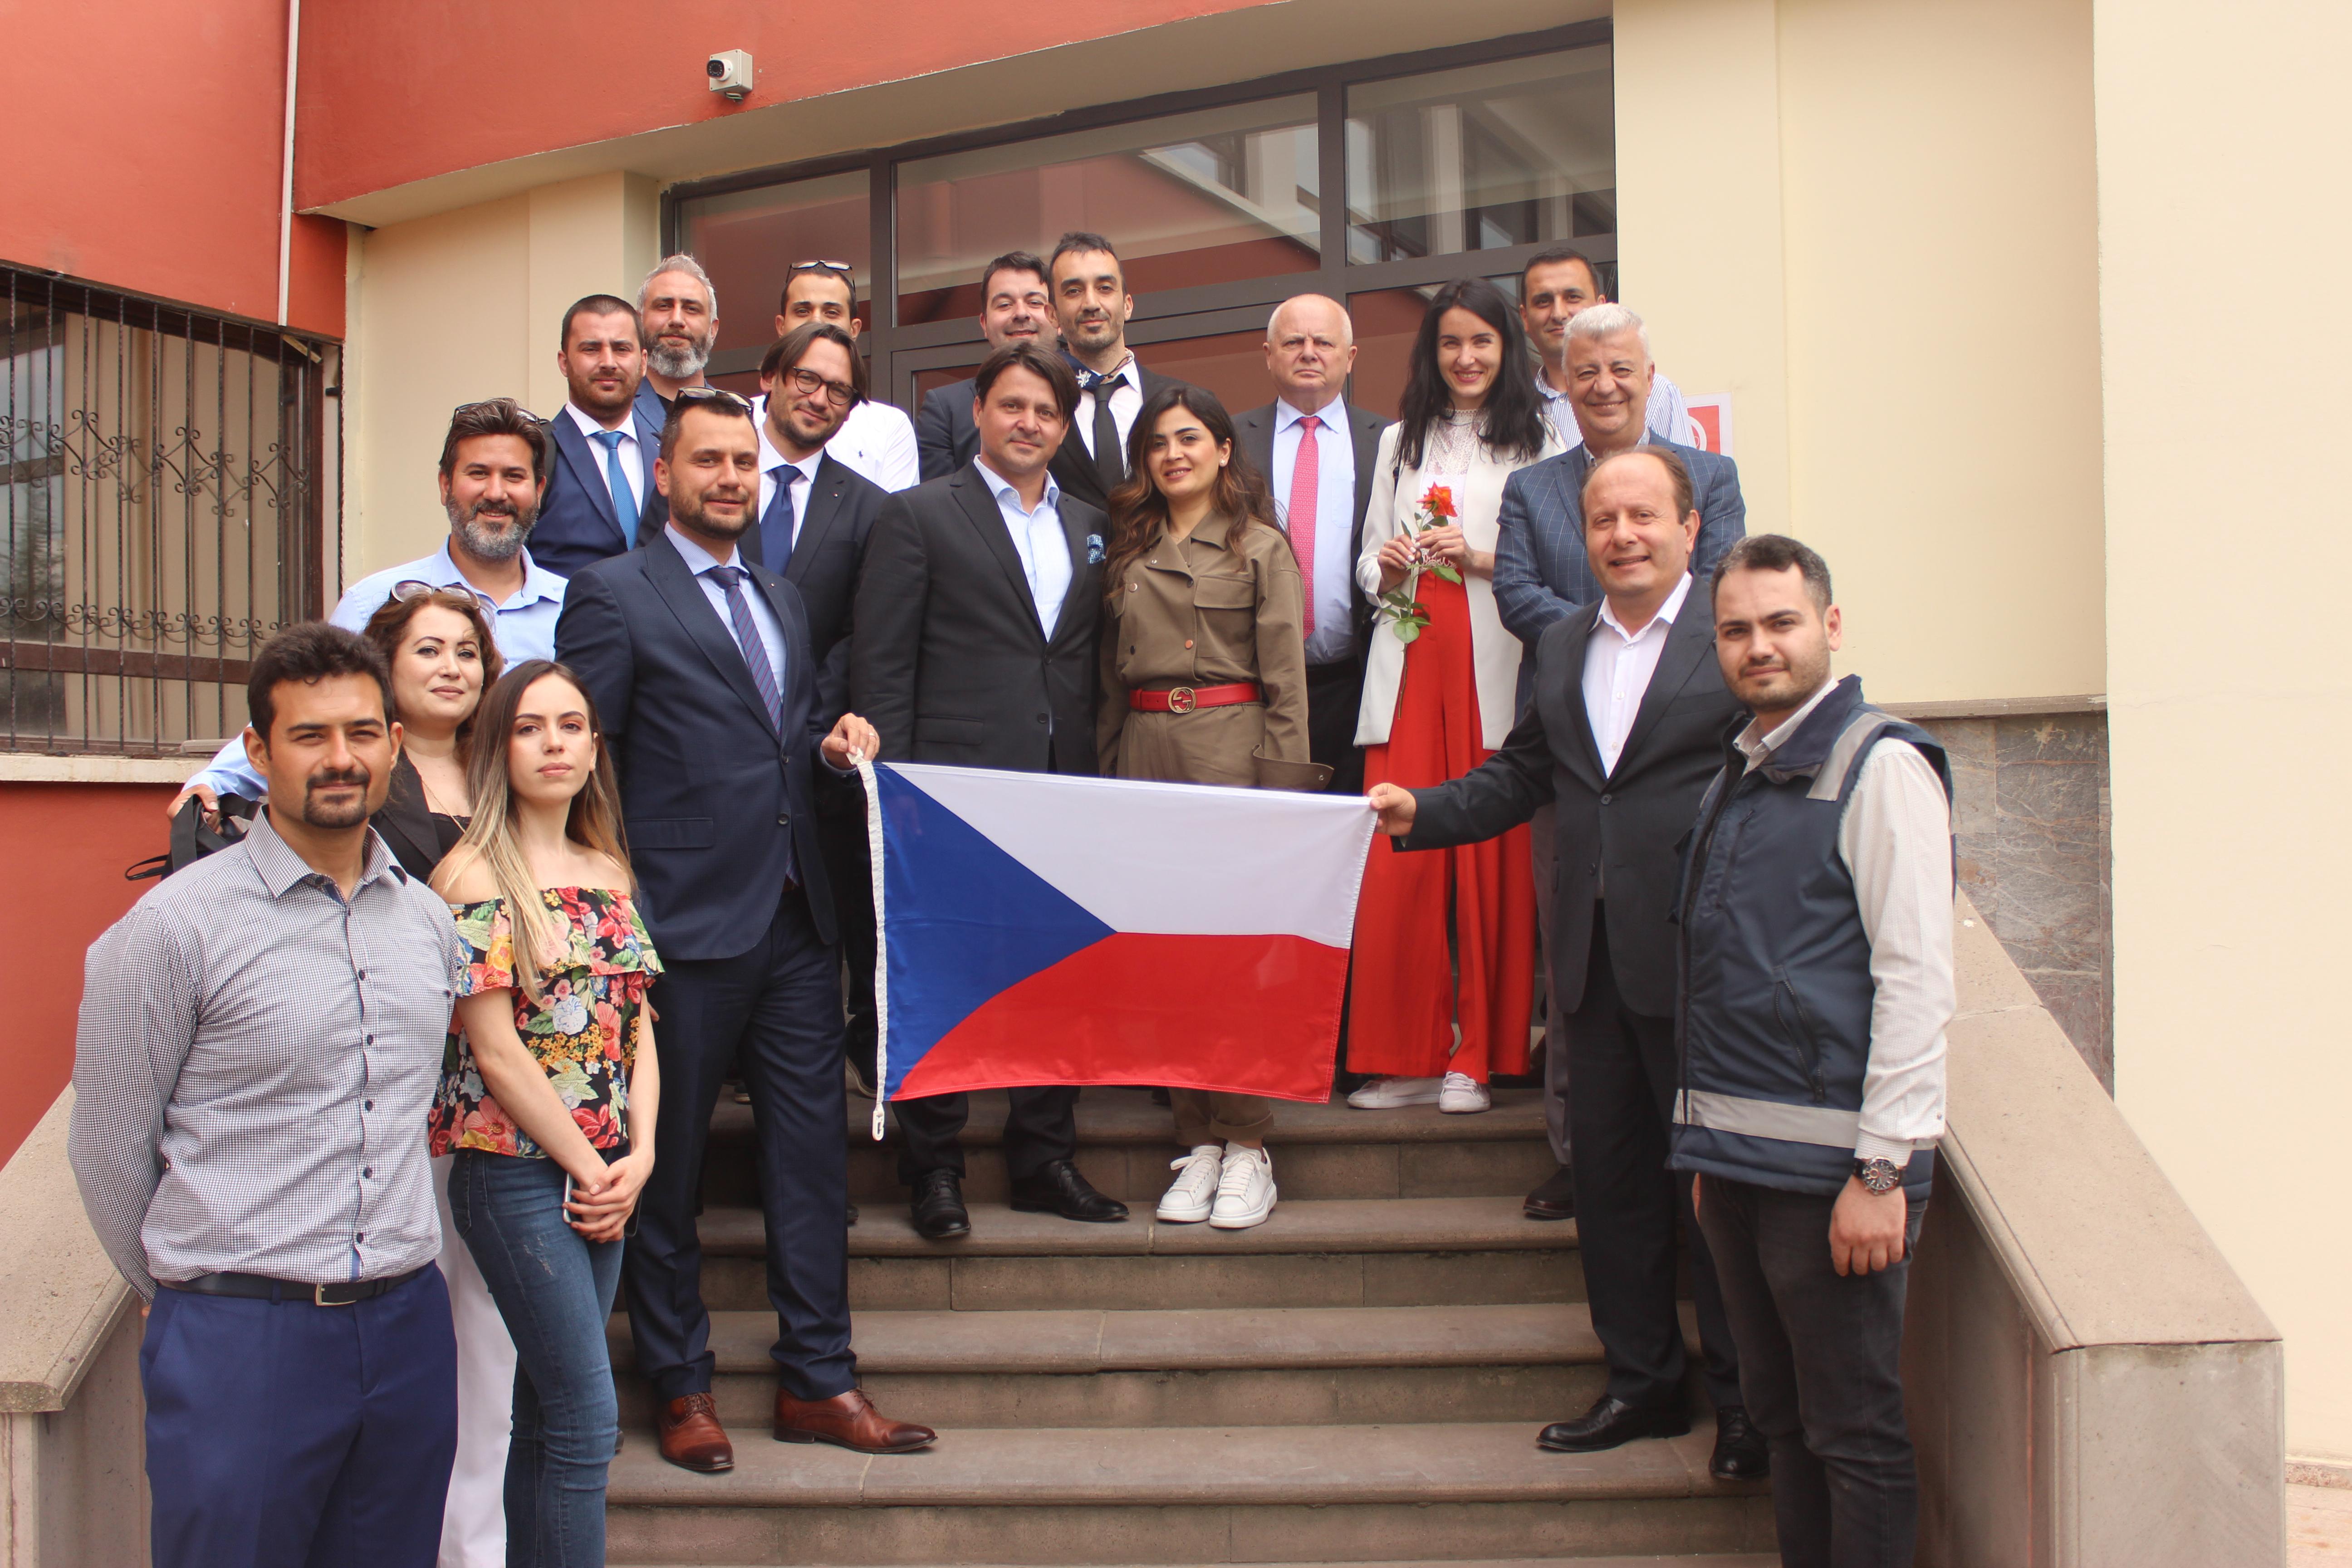 Çek Cumhuriyeti Büyükelçiliği Ticaret Müsteşarlığının Brt Grup Ziyareti